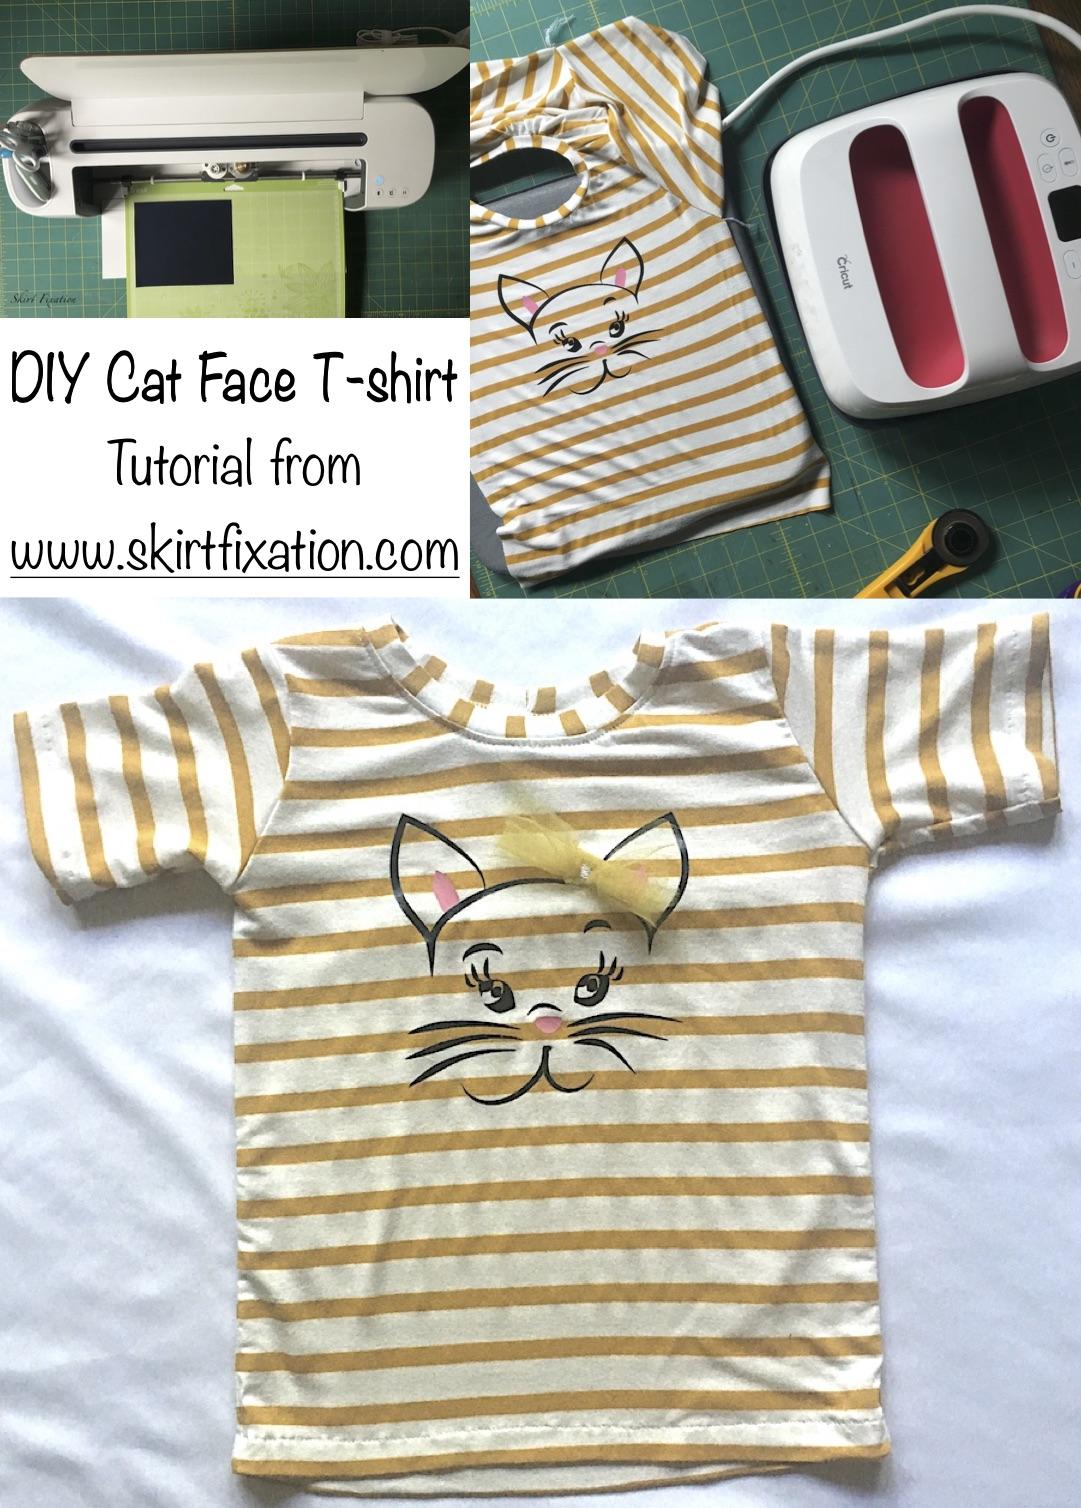 DIY Cat Face T-shirt tutorial from Skirt Fixation